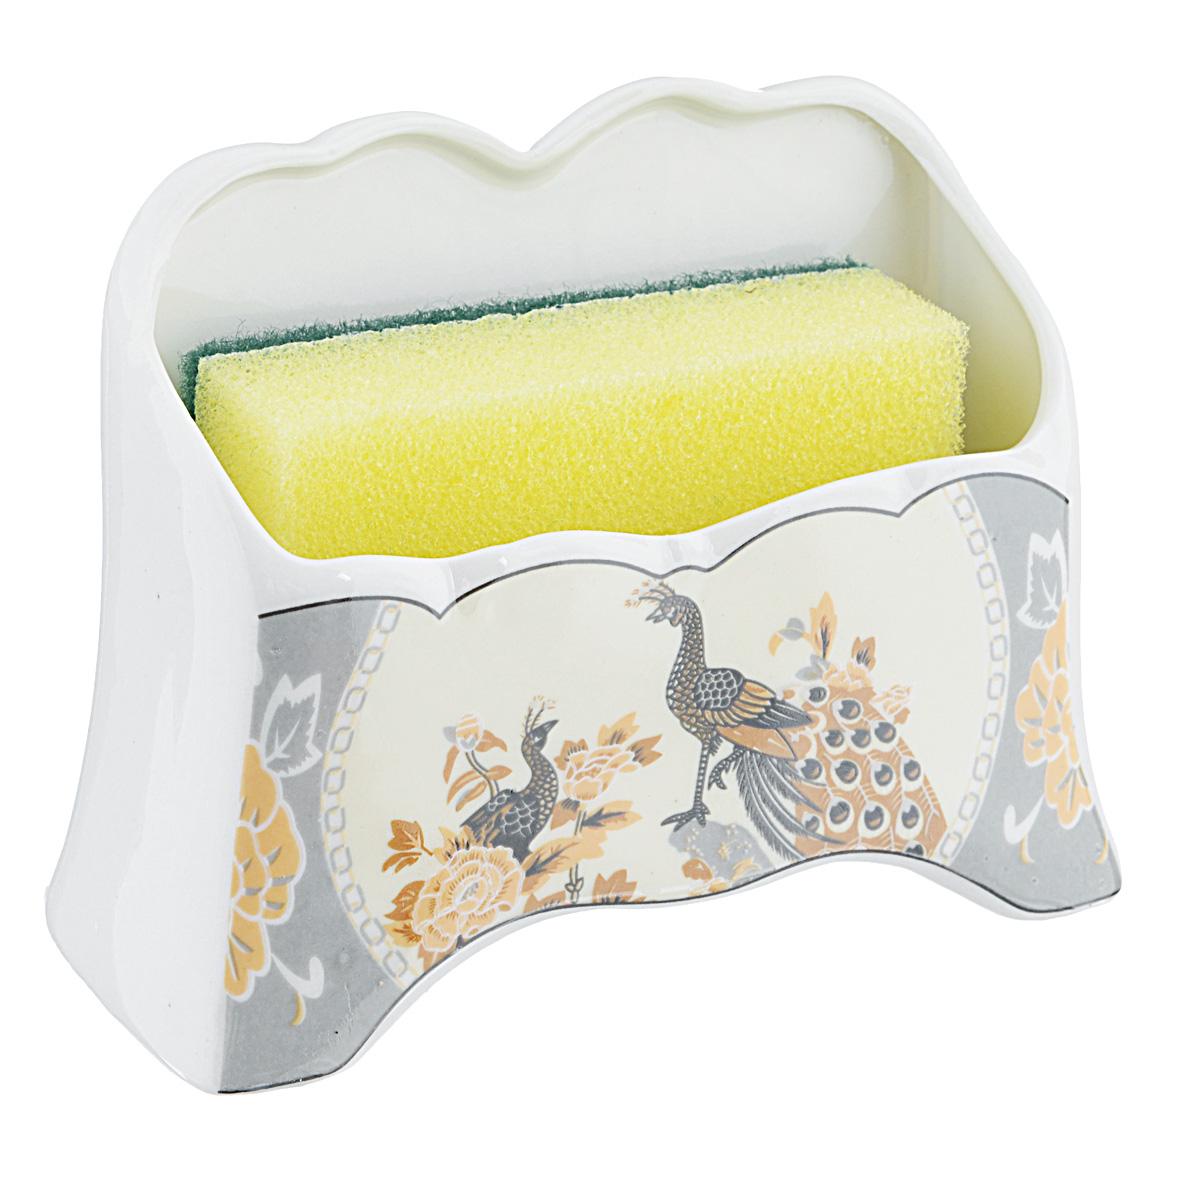 Набор для мытья посуды Saguro Павлин на бежевом, 2 предмета10935Подставка Saguro Павлин на бежевом изготовлена из высококачественного фарфора и оформлена изображением павлинов. В комплект с подставкой входит губка для мытья посуды. Изящная подставка прекрасно впишется в интерьер вашей кухни. Не применять абразивные моющие средства. Размер подставки: 11,5 см х 5 см х 8,5 см.